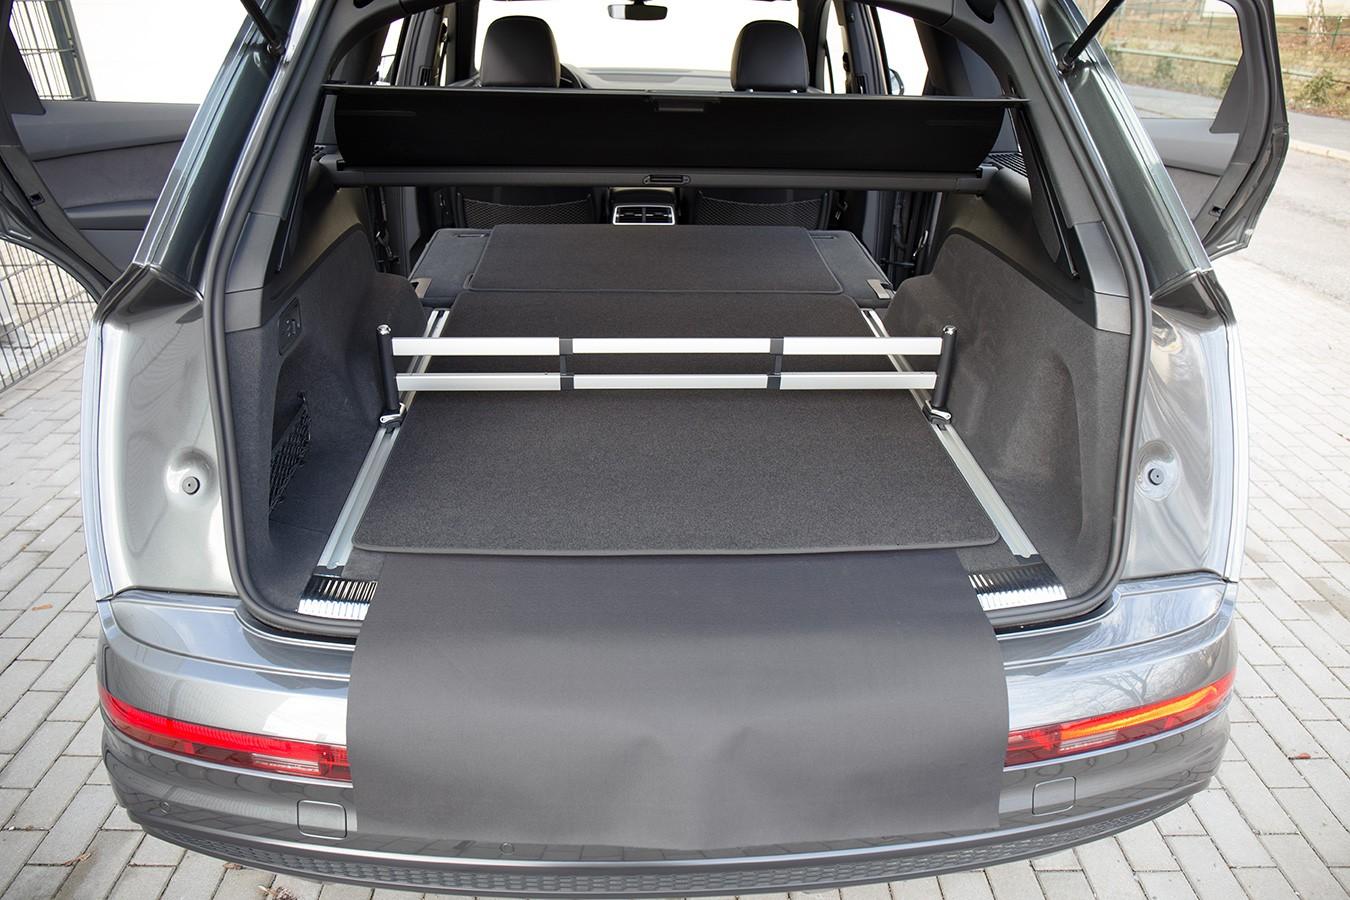 3 pi ces tapis de sol de voitures du coffre pour audi q7 ii 4m ann e 2015 tapis de coffre. Black Bedroom Furniture Sets. Home Design Ideas